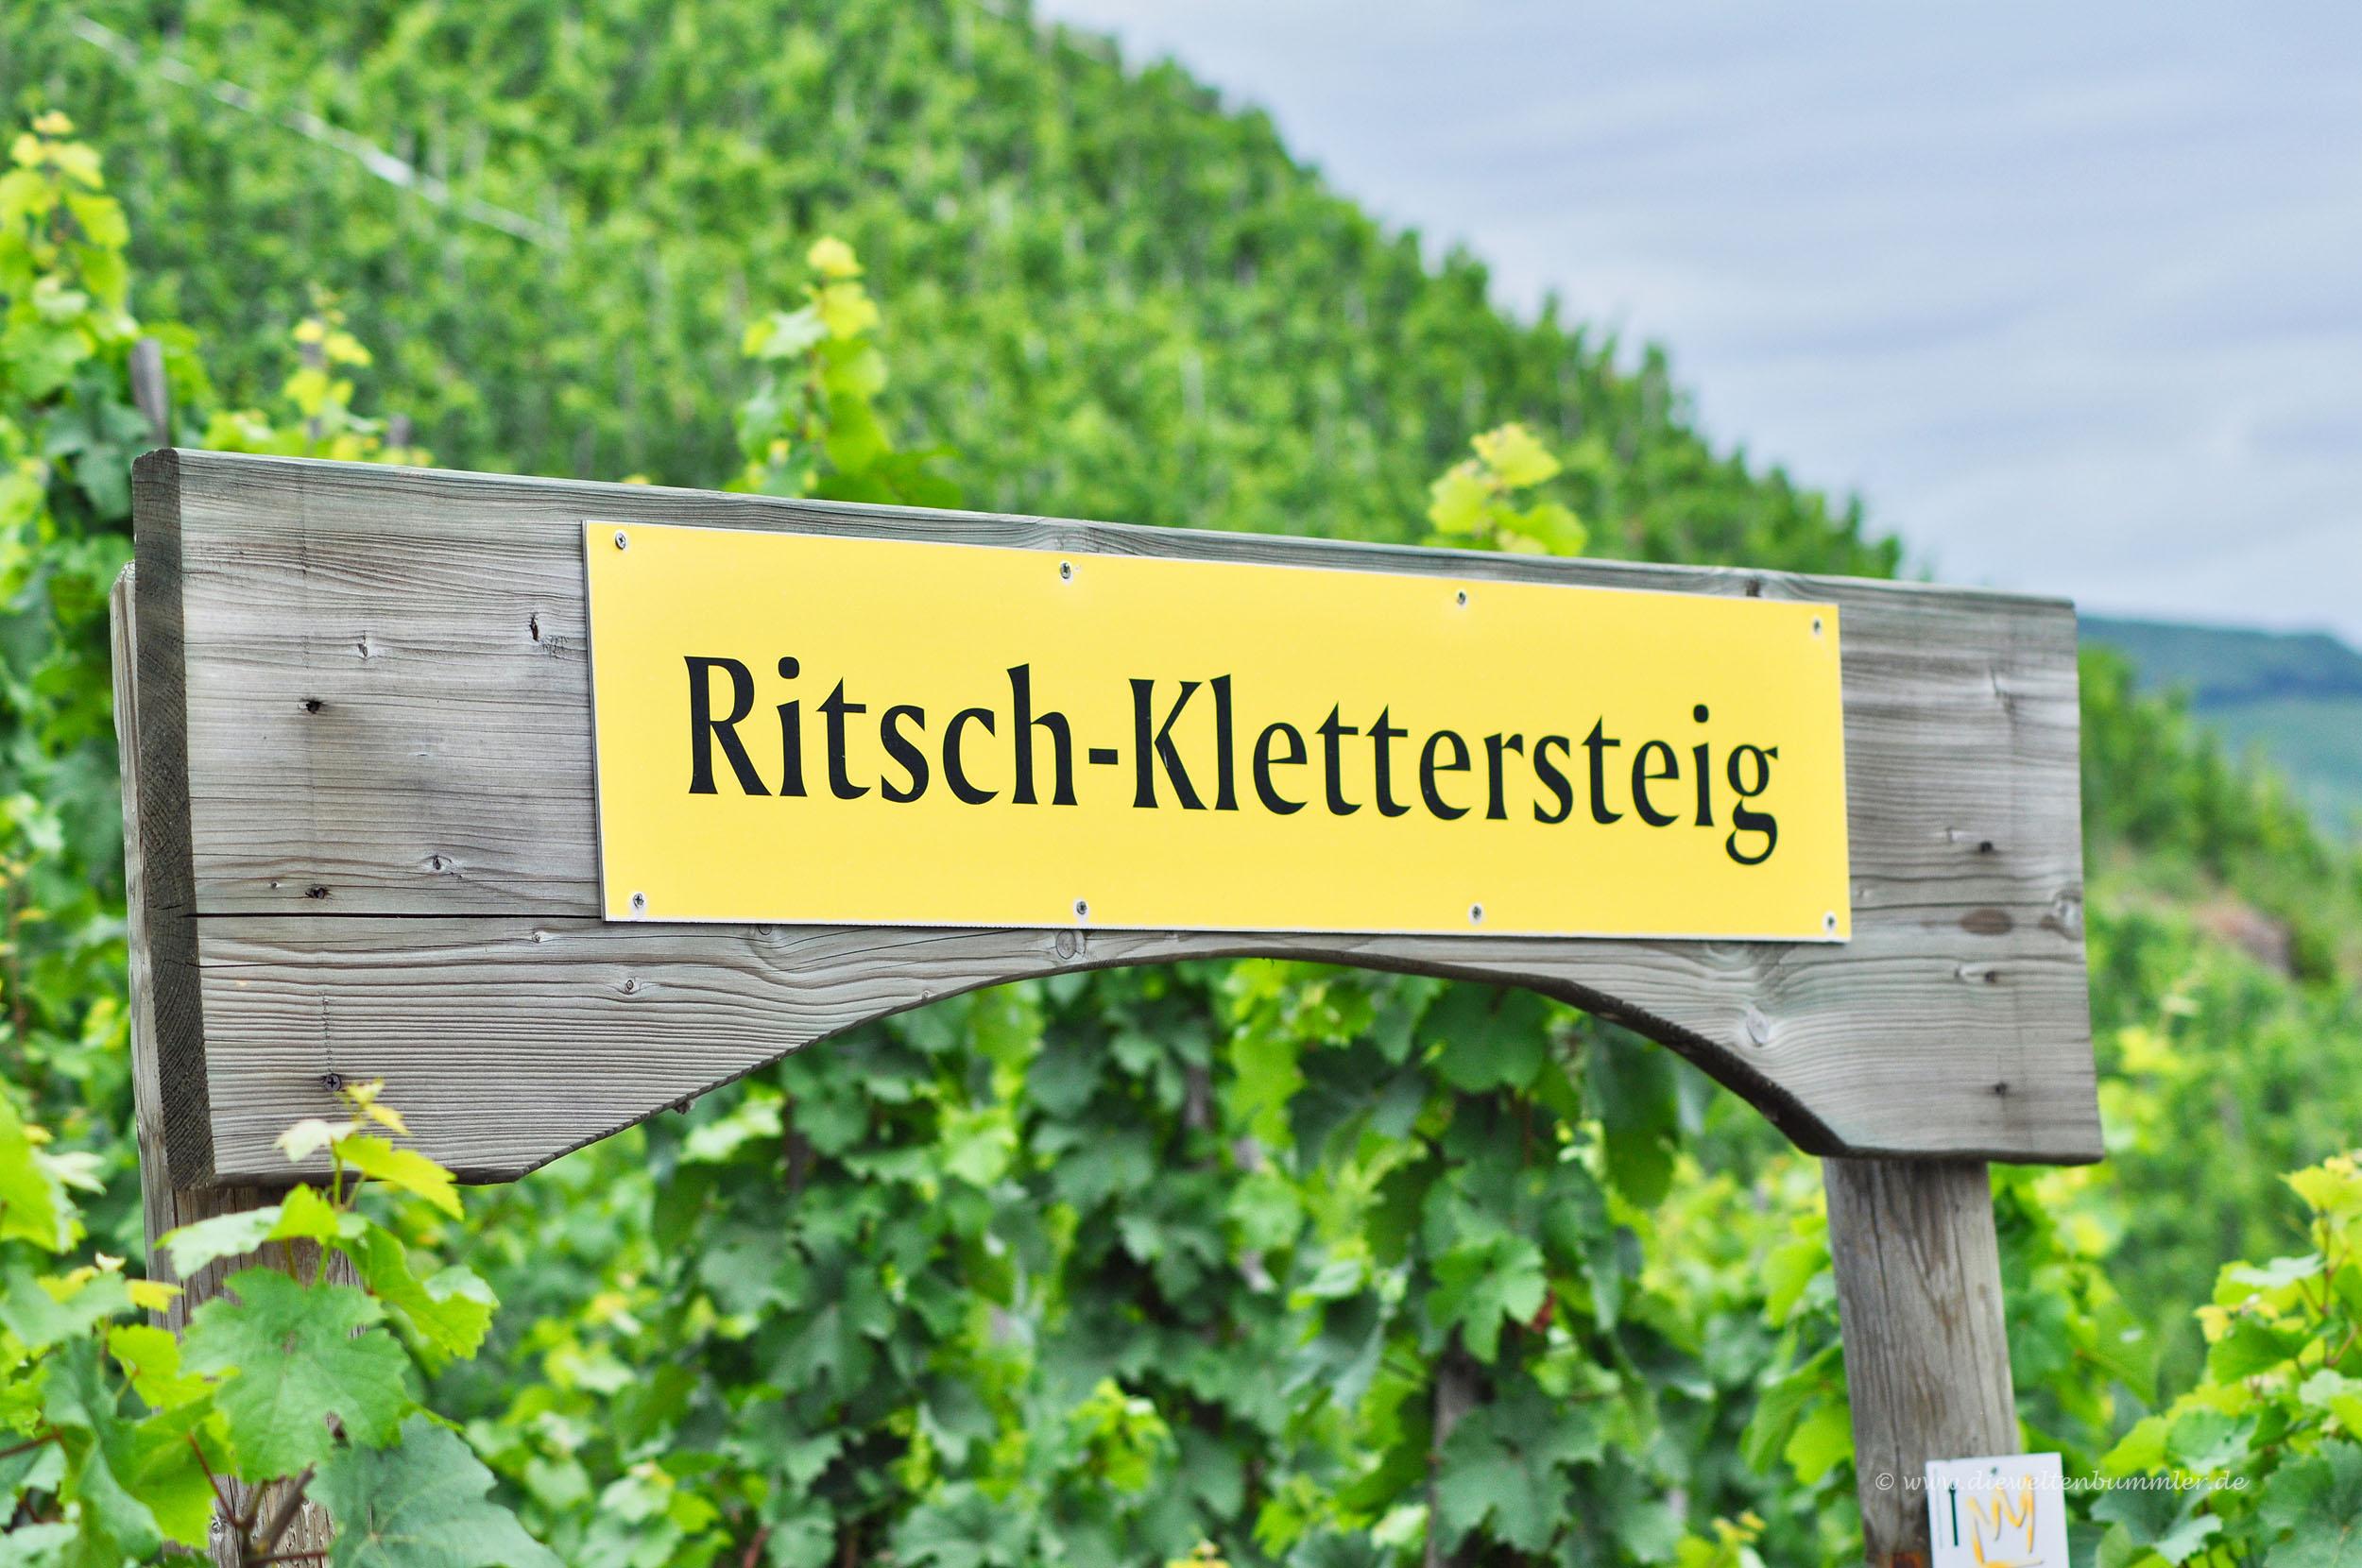 Zugang zum Ritsch-Klettersteig